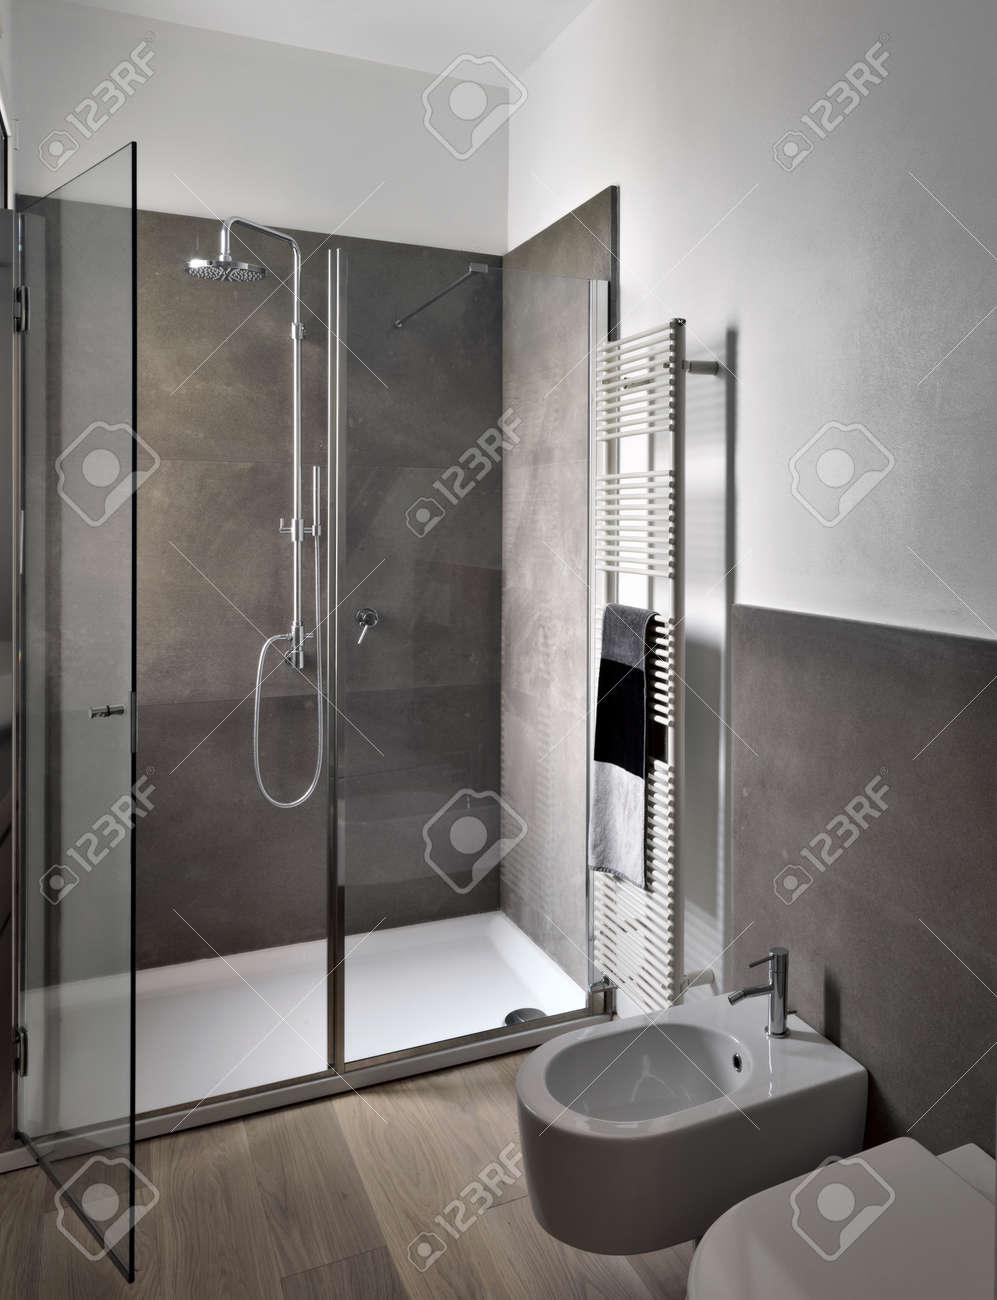 Vue Intérieure De Bahtroom Moderne Avec Cabine De Douche En Verre Et ...